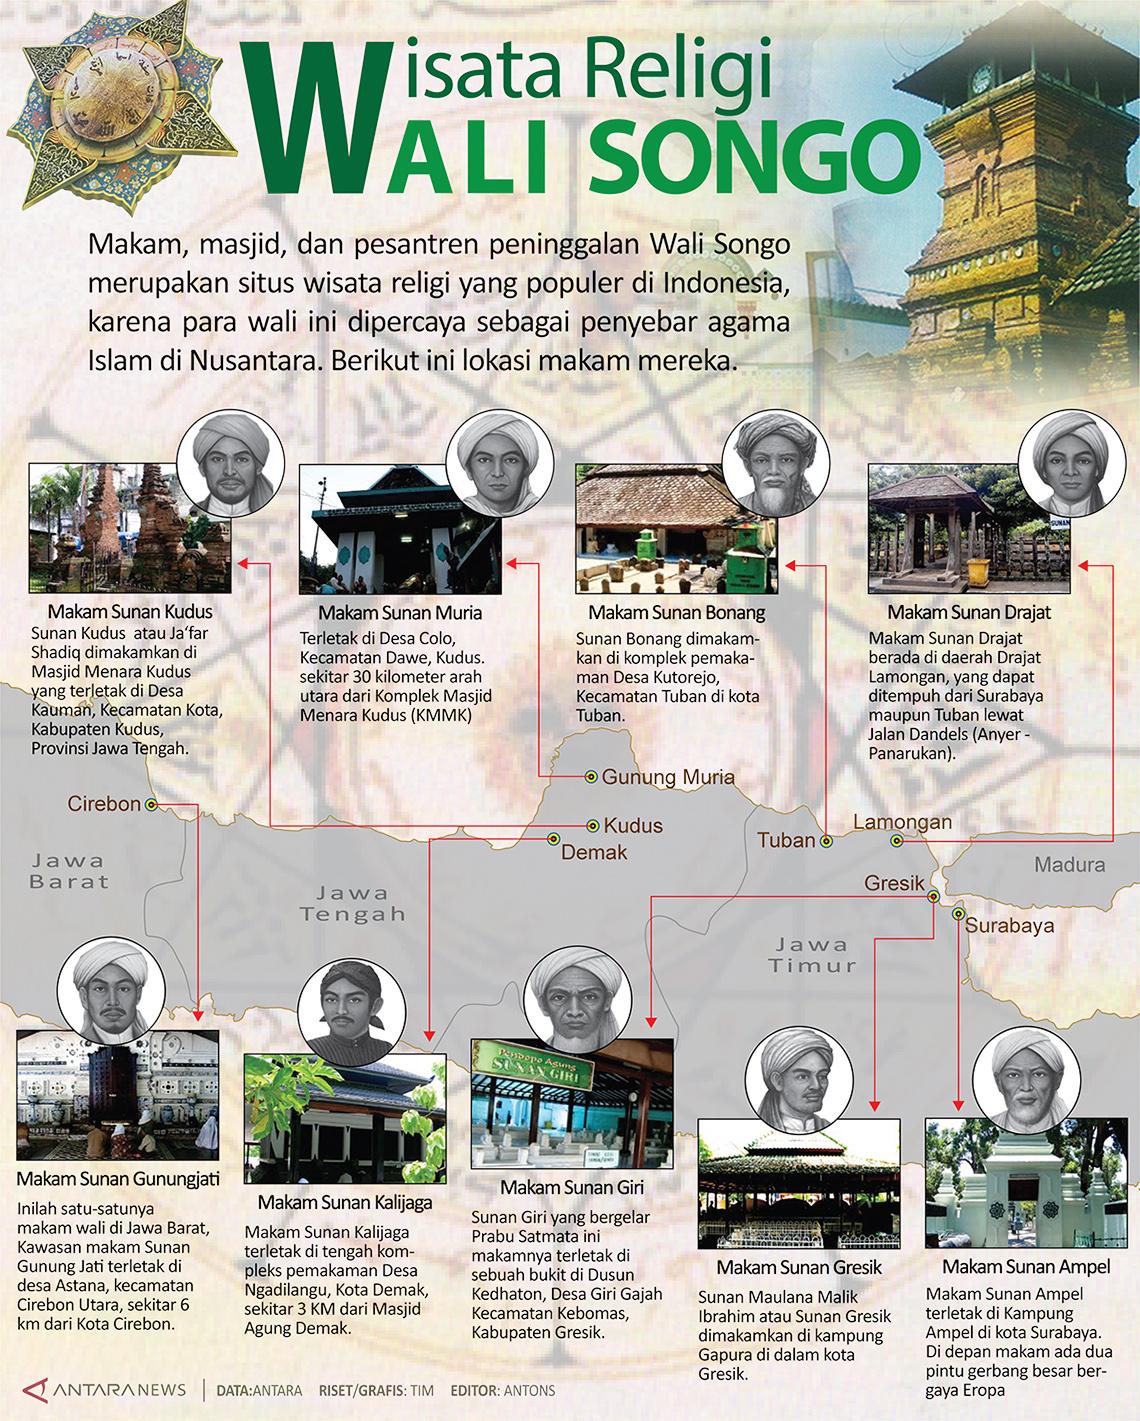 Wisata Religi Wali Songo